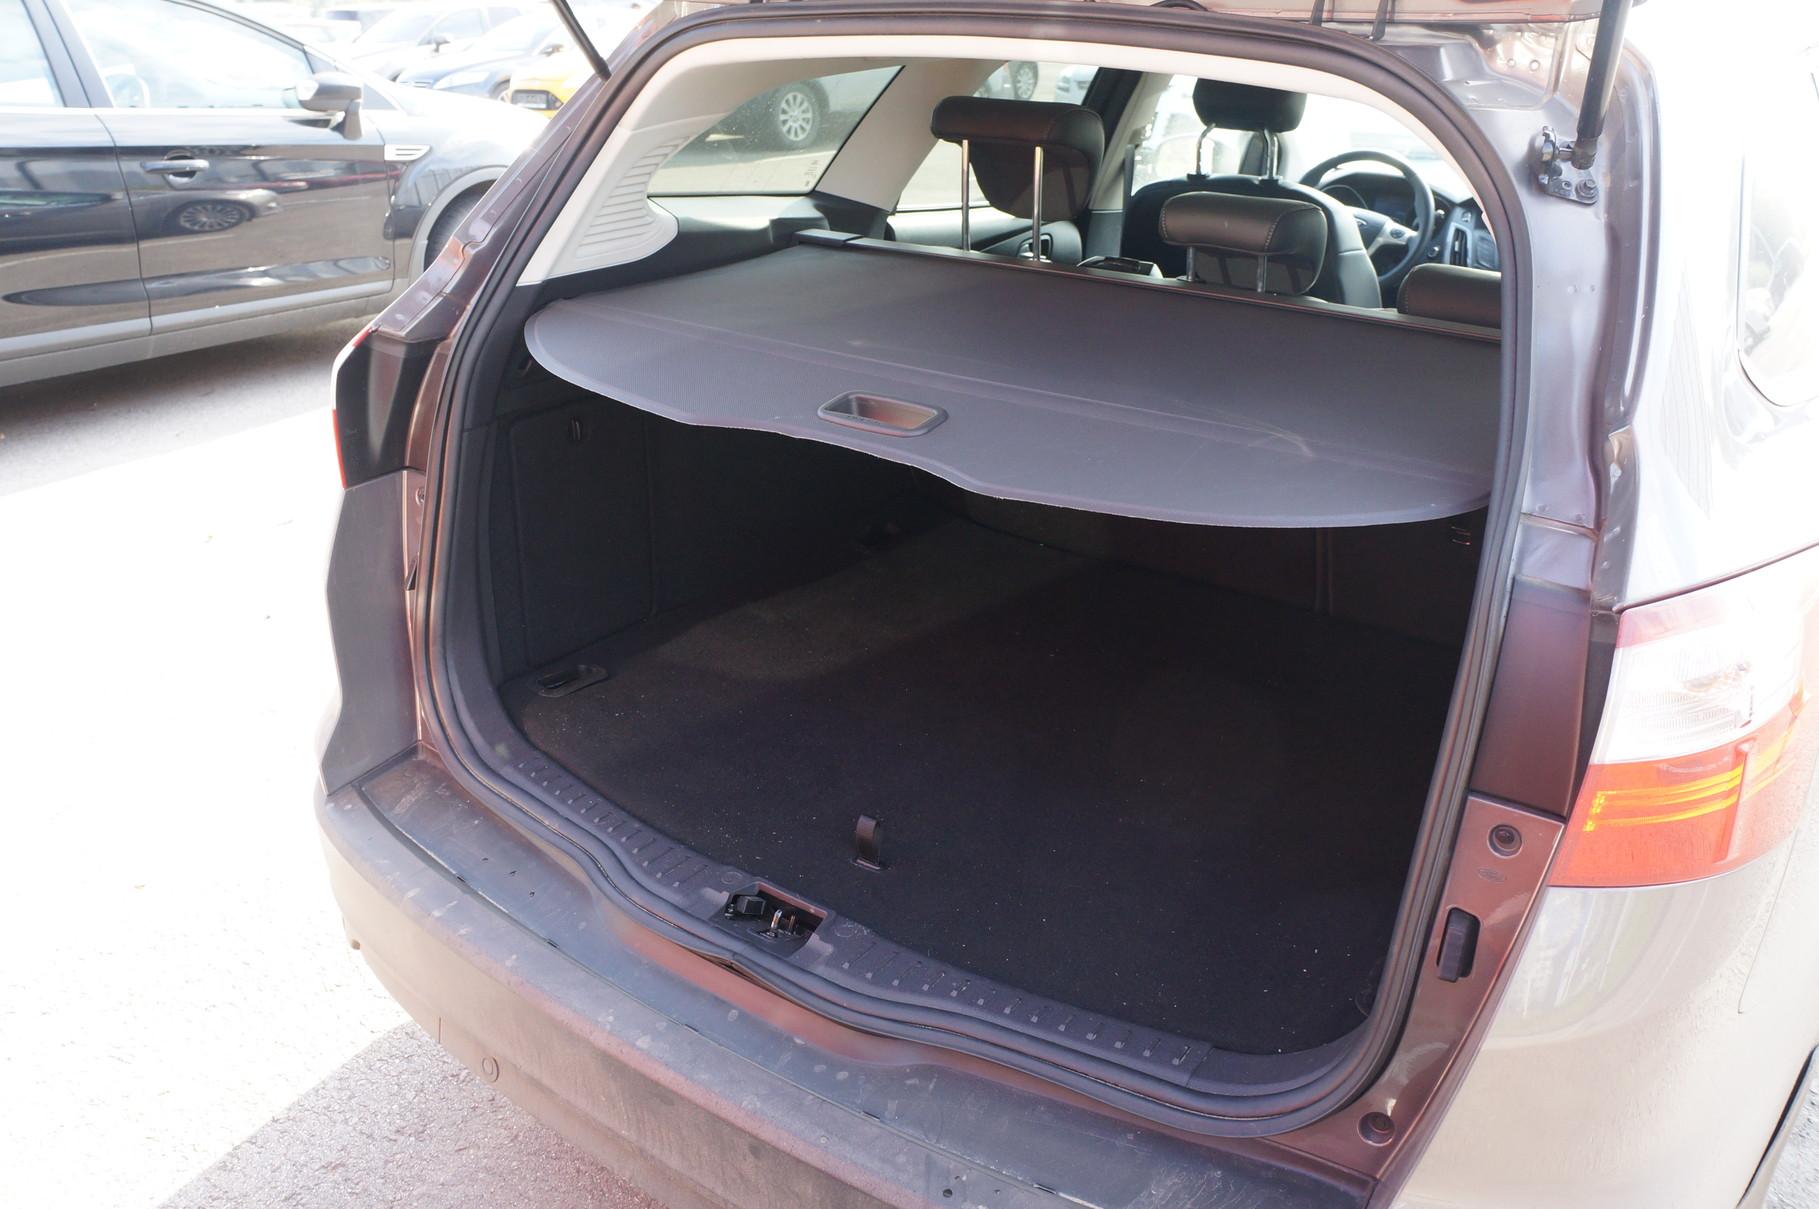 Сдвижная шторка прекрасно прикрывает бездонный багажник от ненужных взглядов